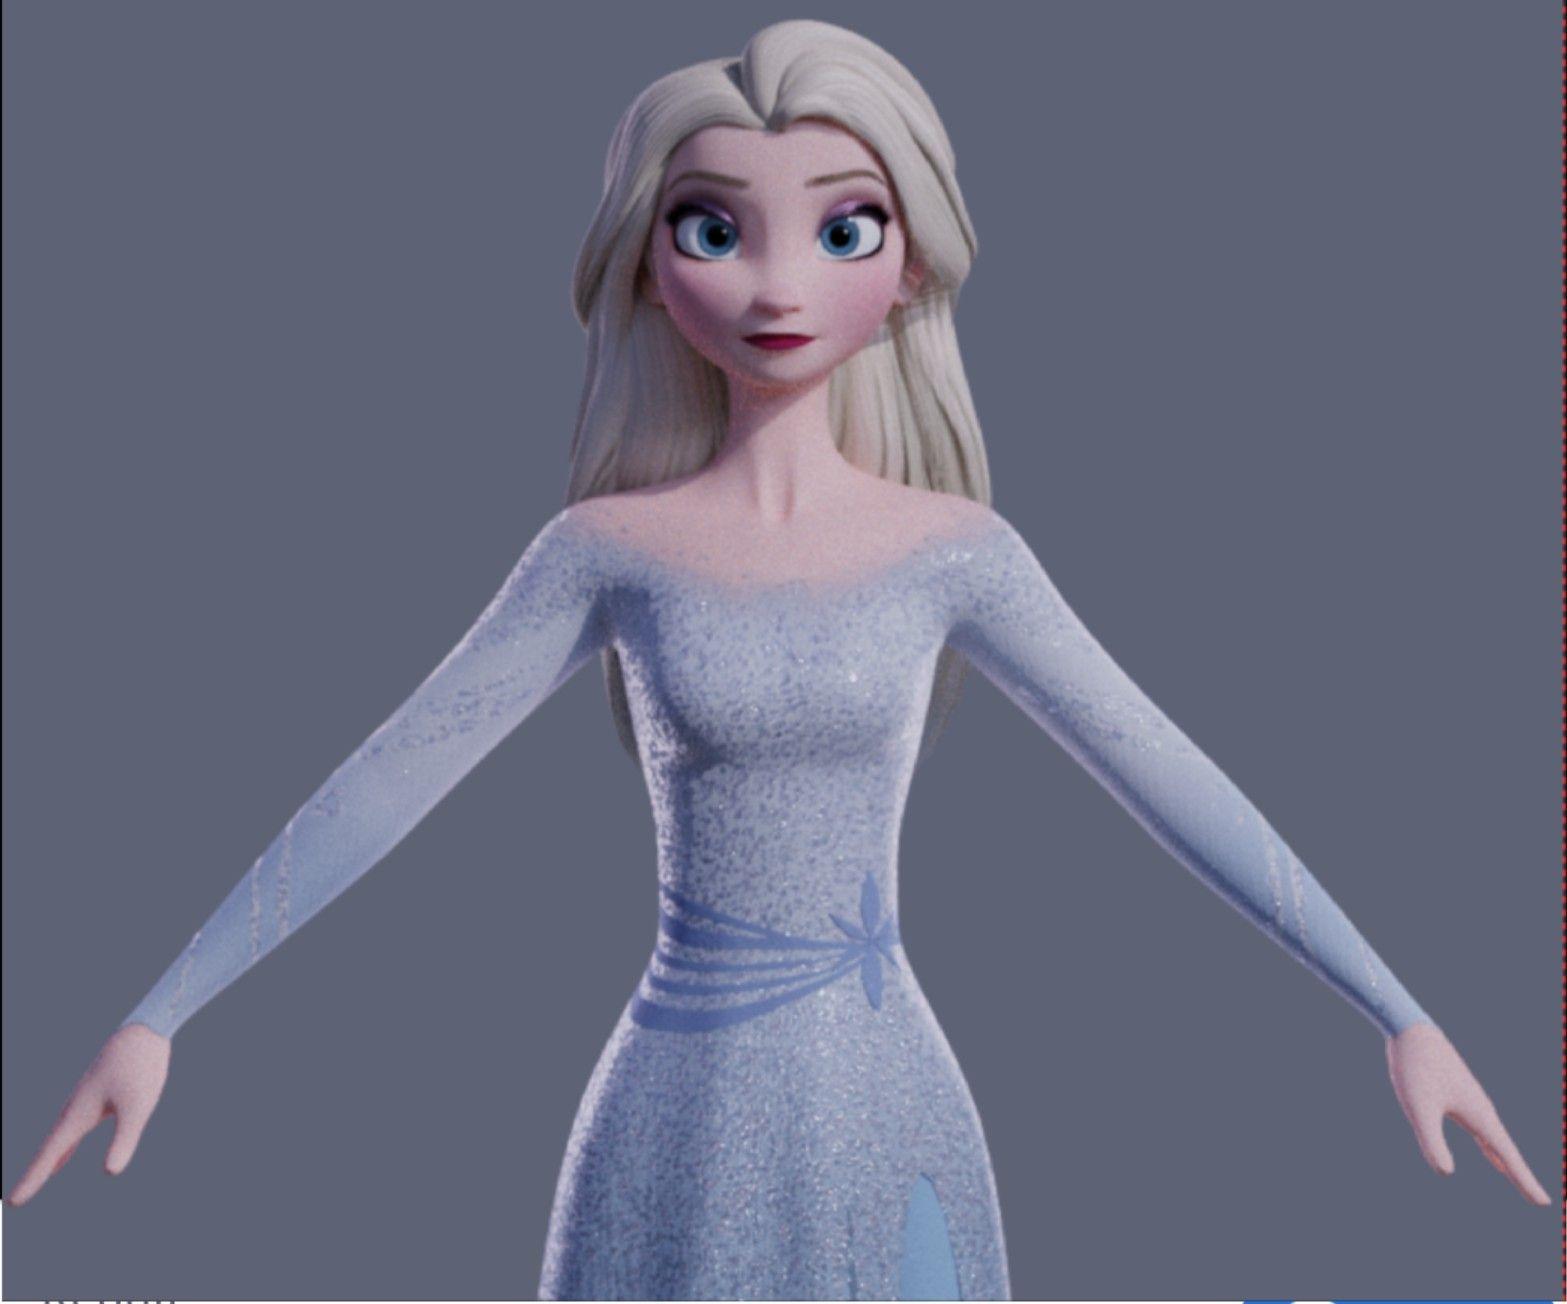 Pin By Cris Qr On Frozen 2 Disney Princess Frozen Elsa Outfit Elsa Frozen